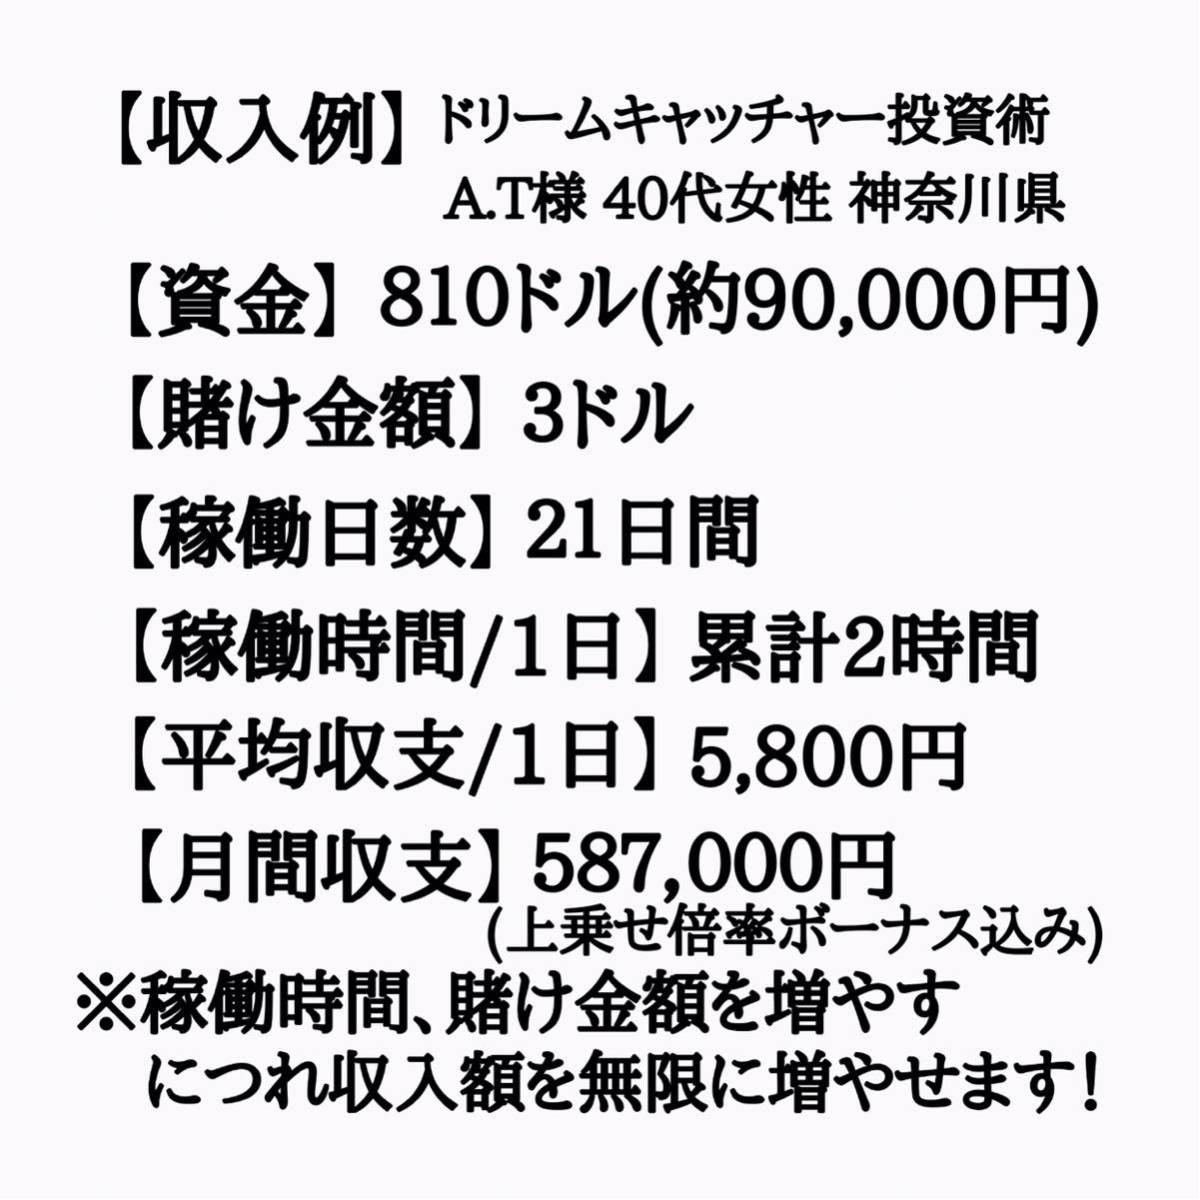 《先着3名様限定》通常価格¥90,000円⇒先着限定価格¥6,980円 完全オリジナル極秘投資術セット 攻略法 仮想通貨 FX 投資 カジノ 副業_画像10